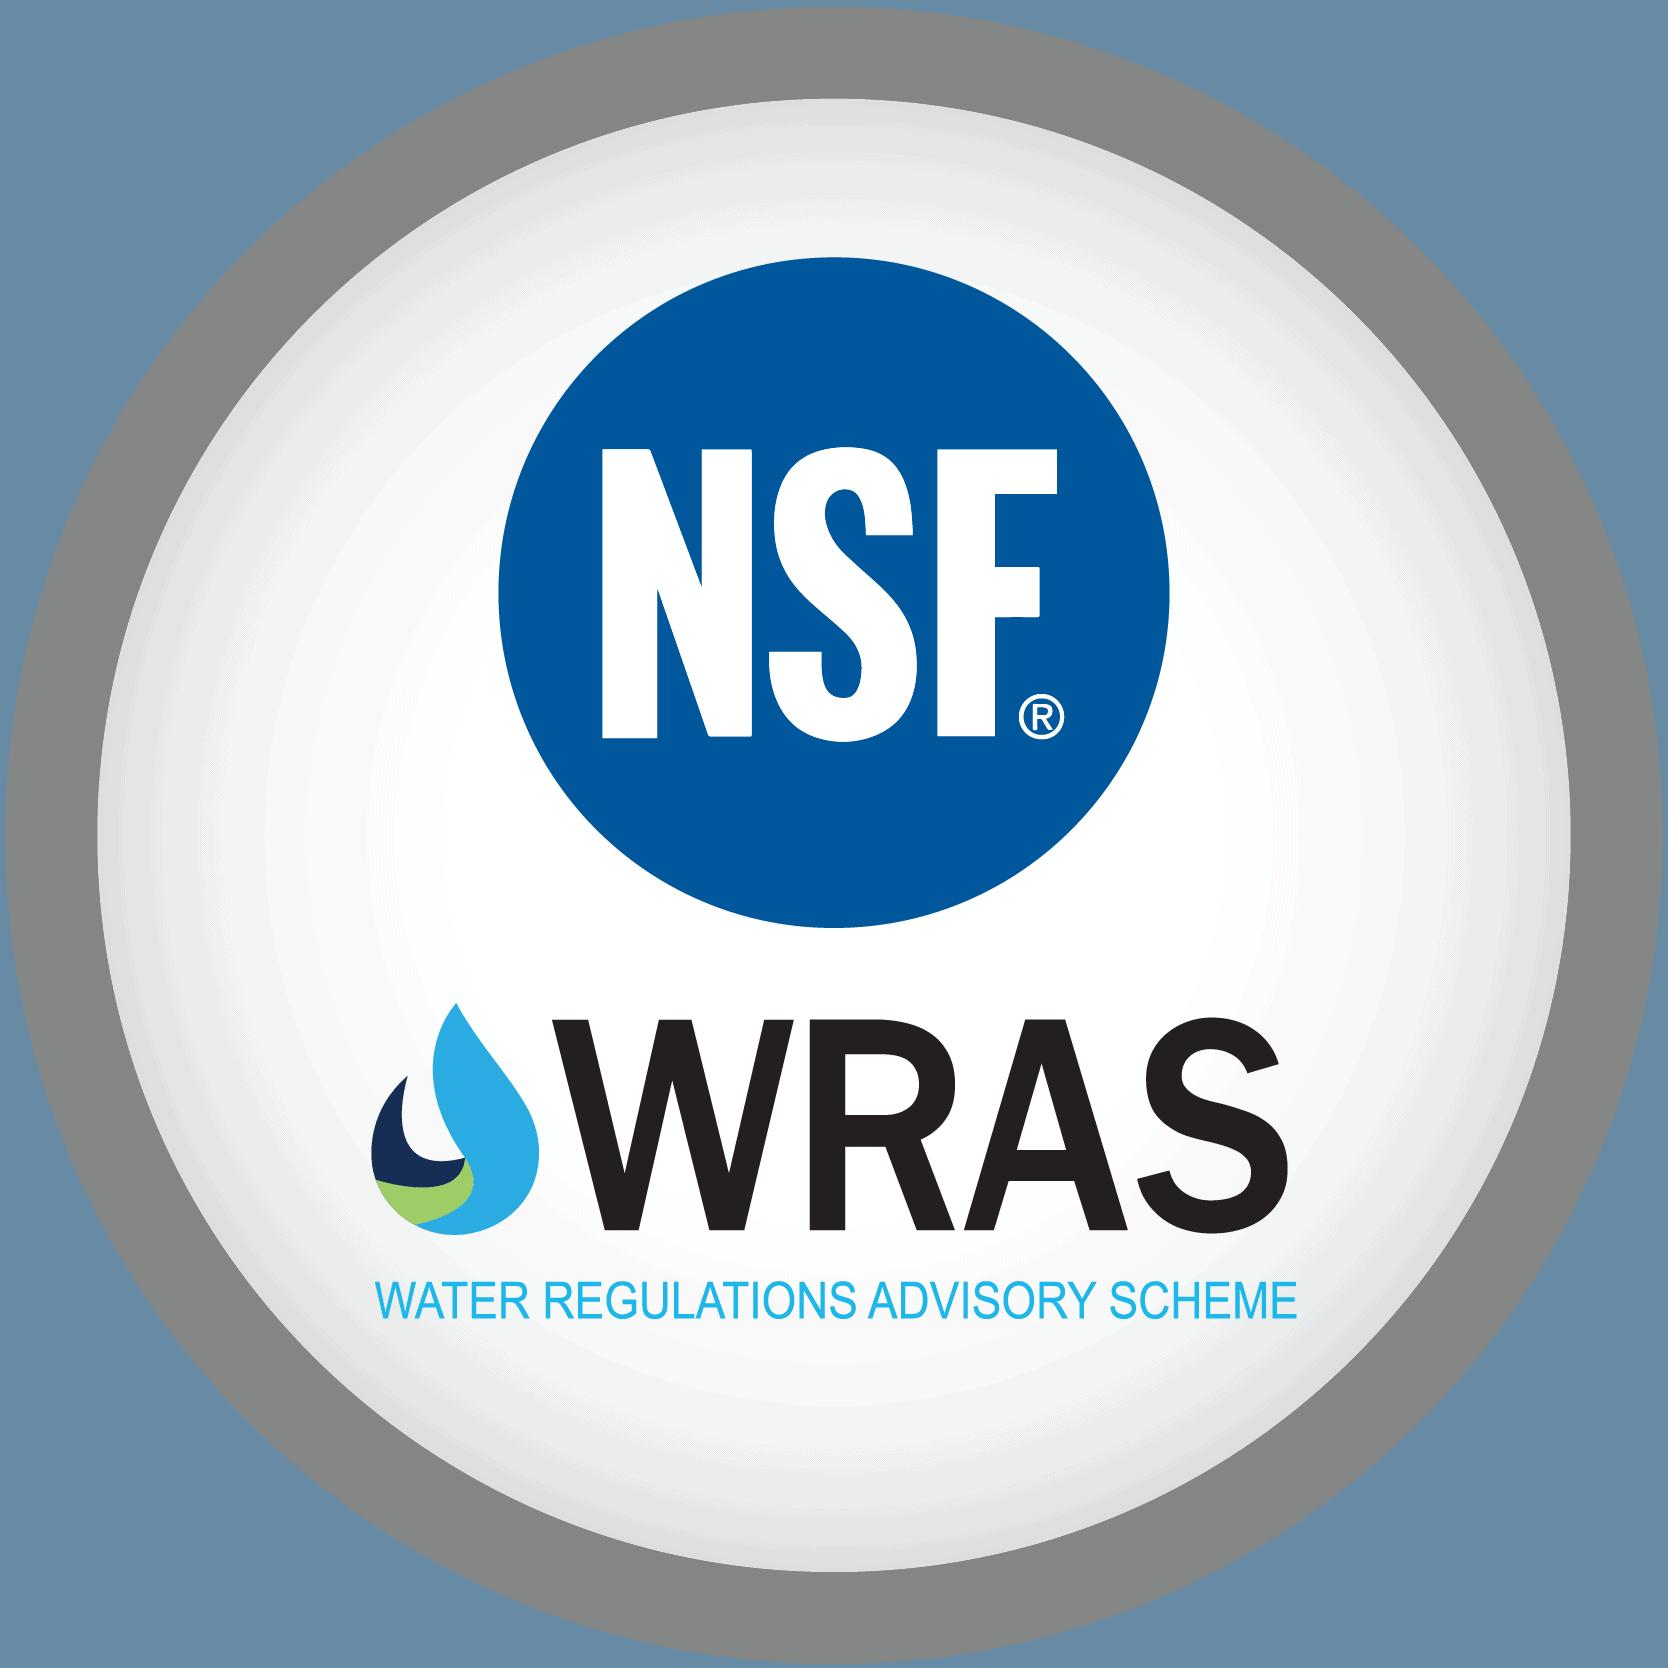 สะอาด ปลอดภัย ตามมาตรฐาน NSF 61,372 และ WRAS